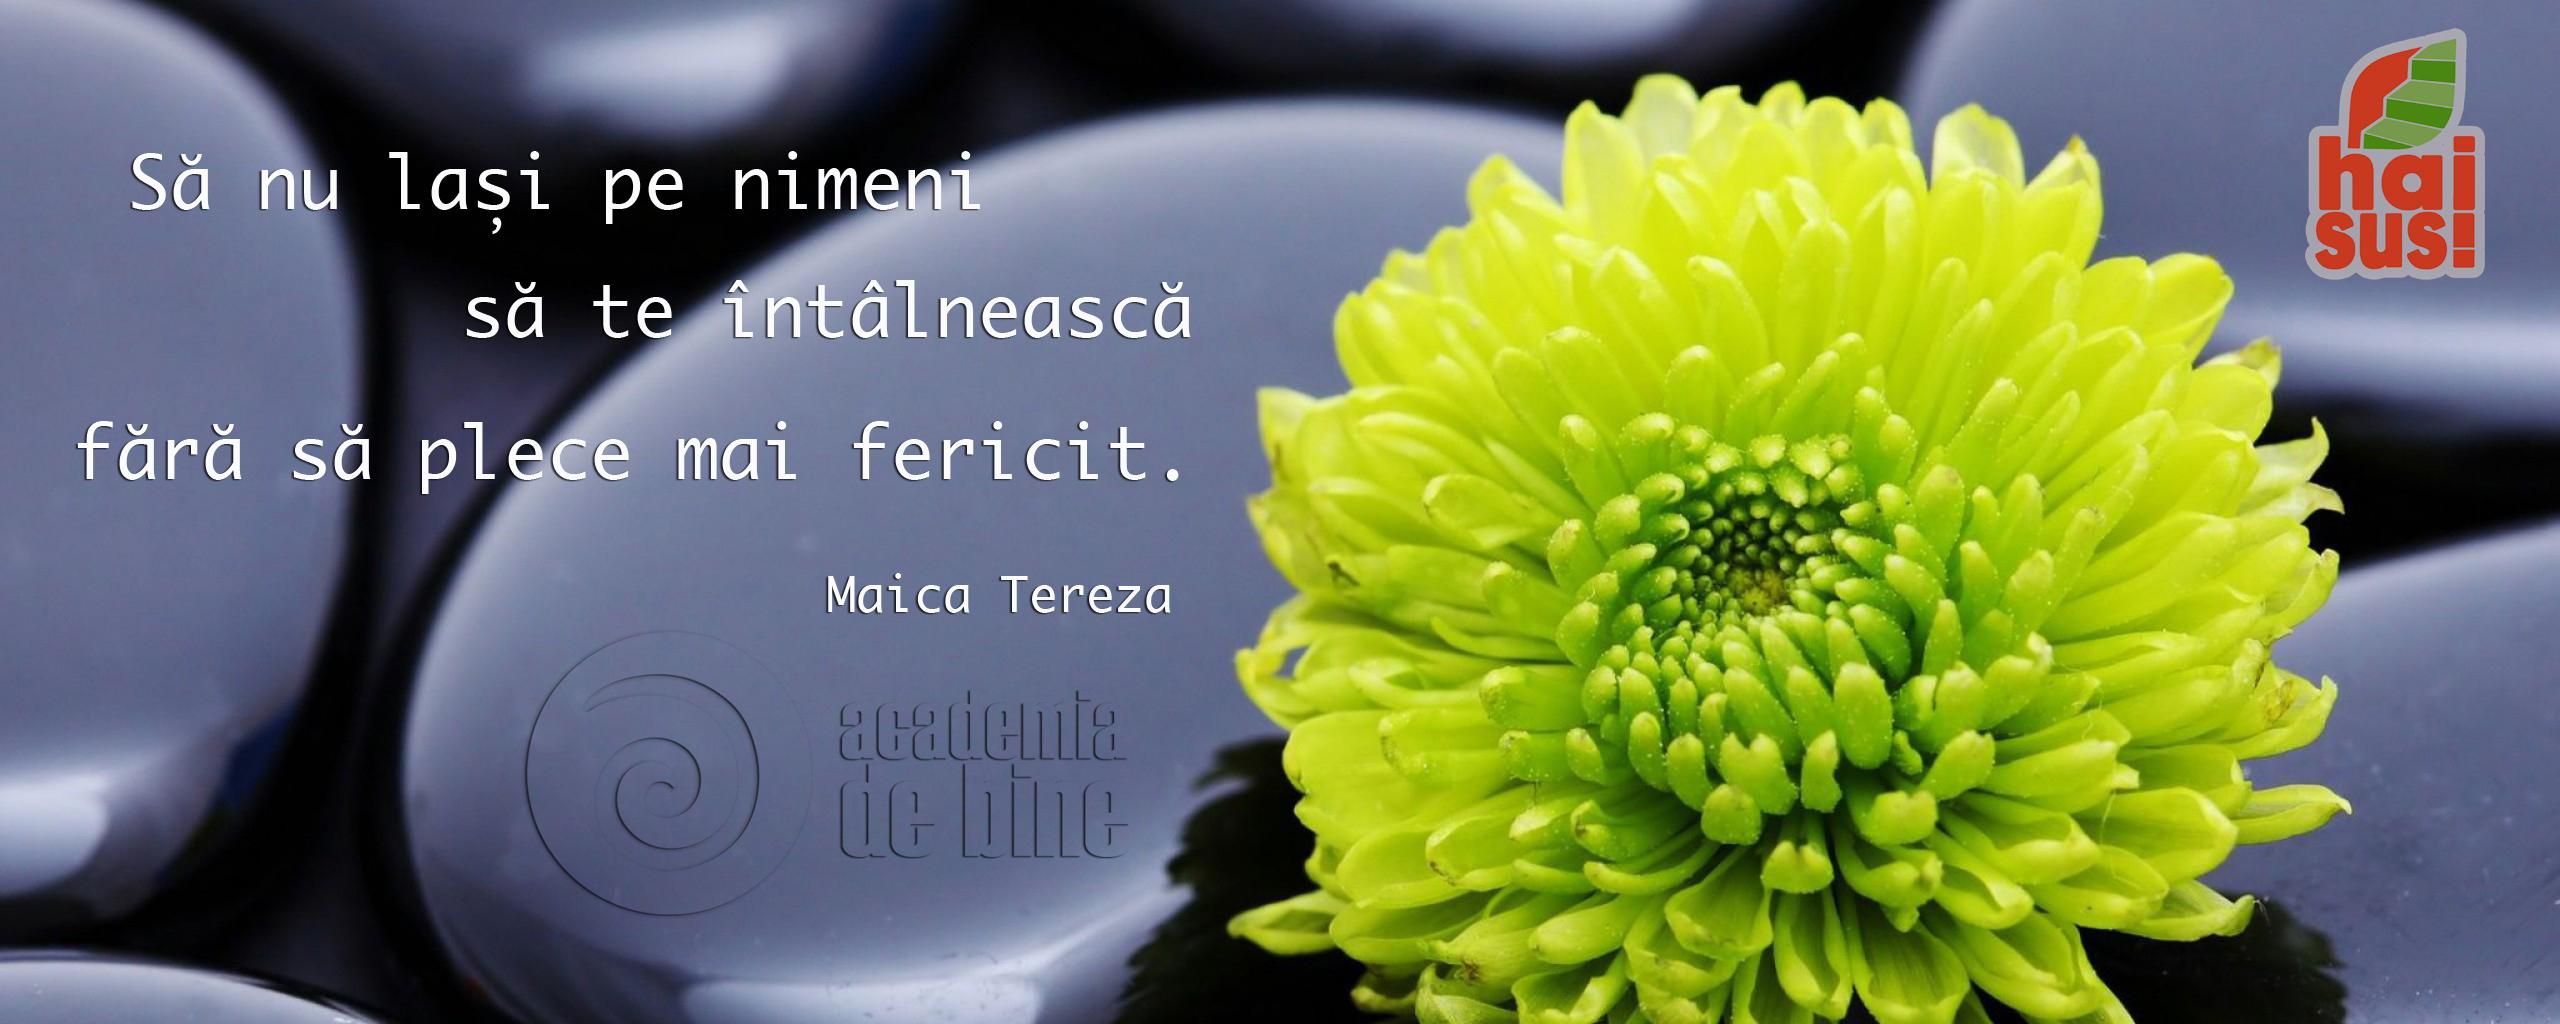 citate maica tereza maica tereza citate motivationale « DrStoica / da te n blogul meu  citate maica tereza